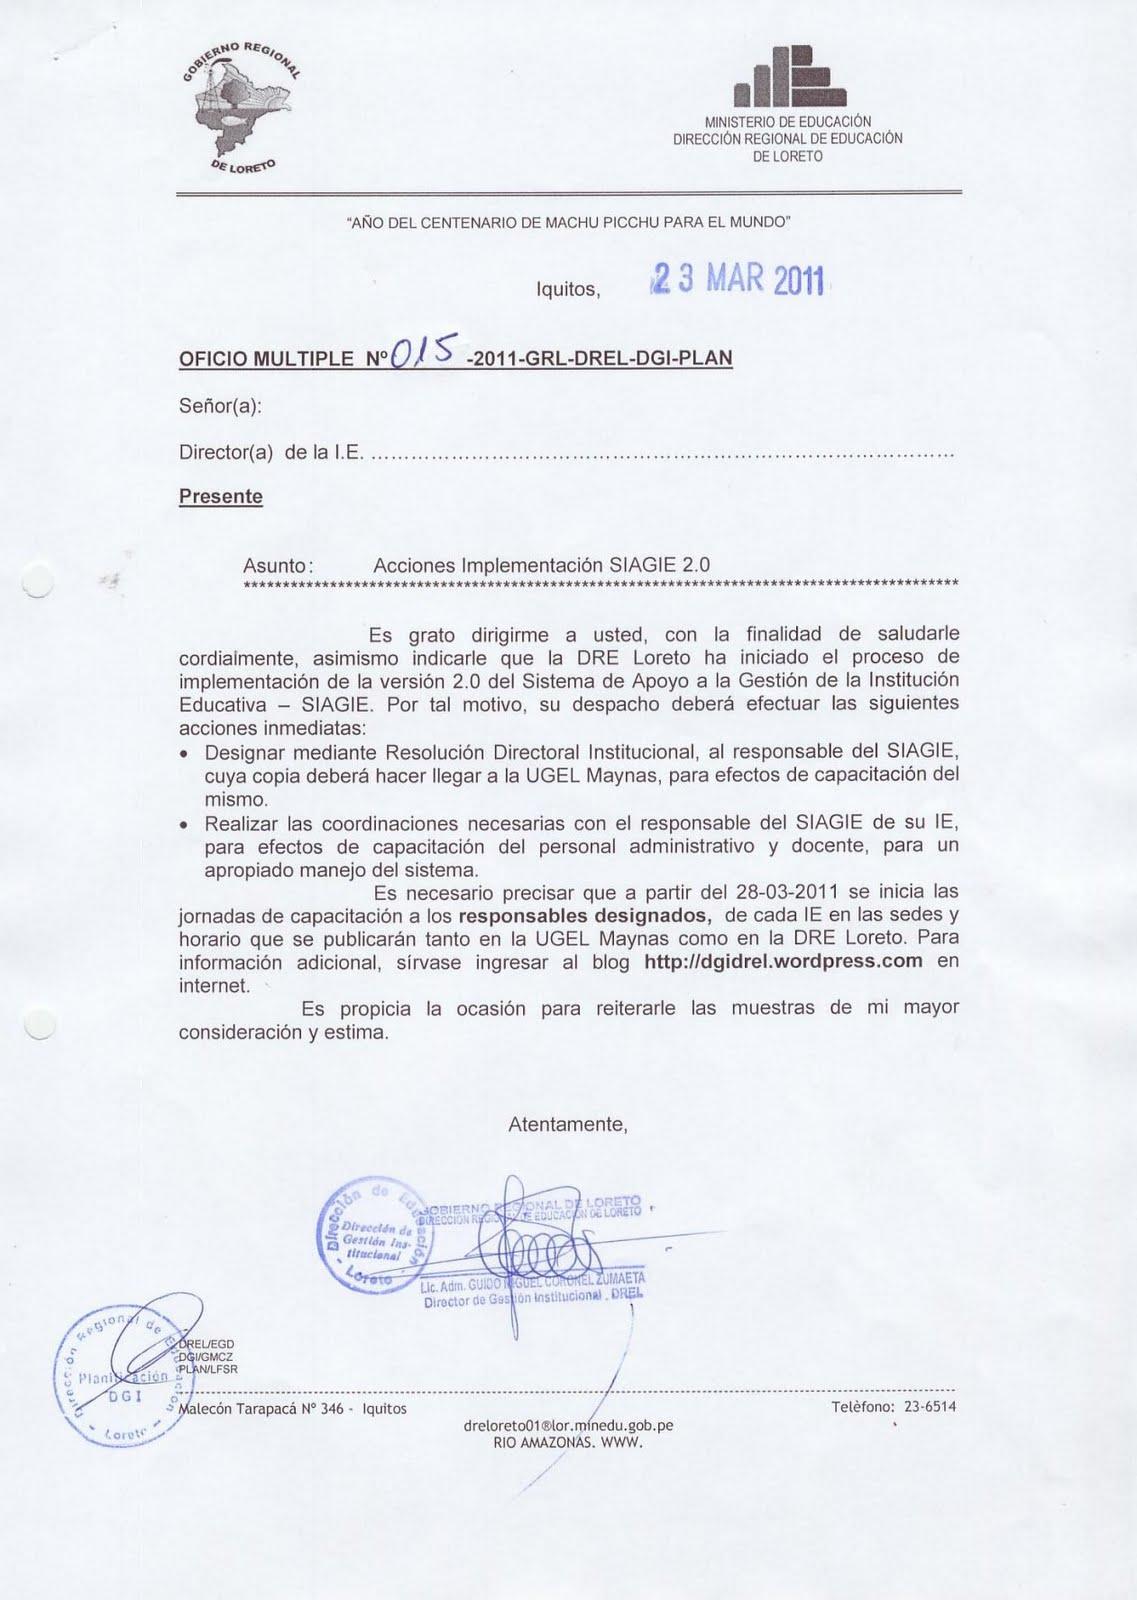 Taller de comunicación y redacción: septiembre 2011